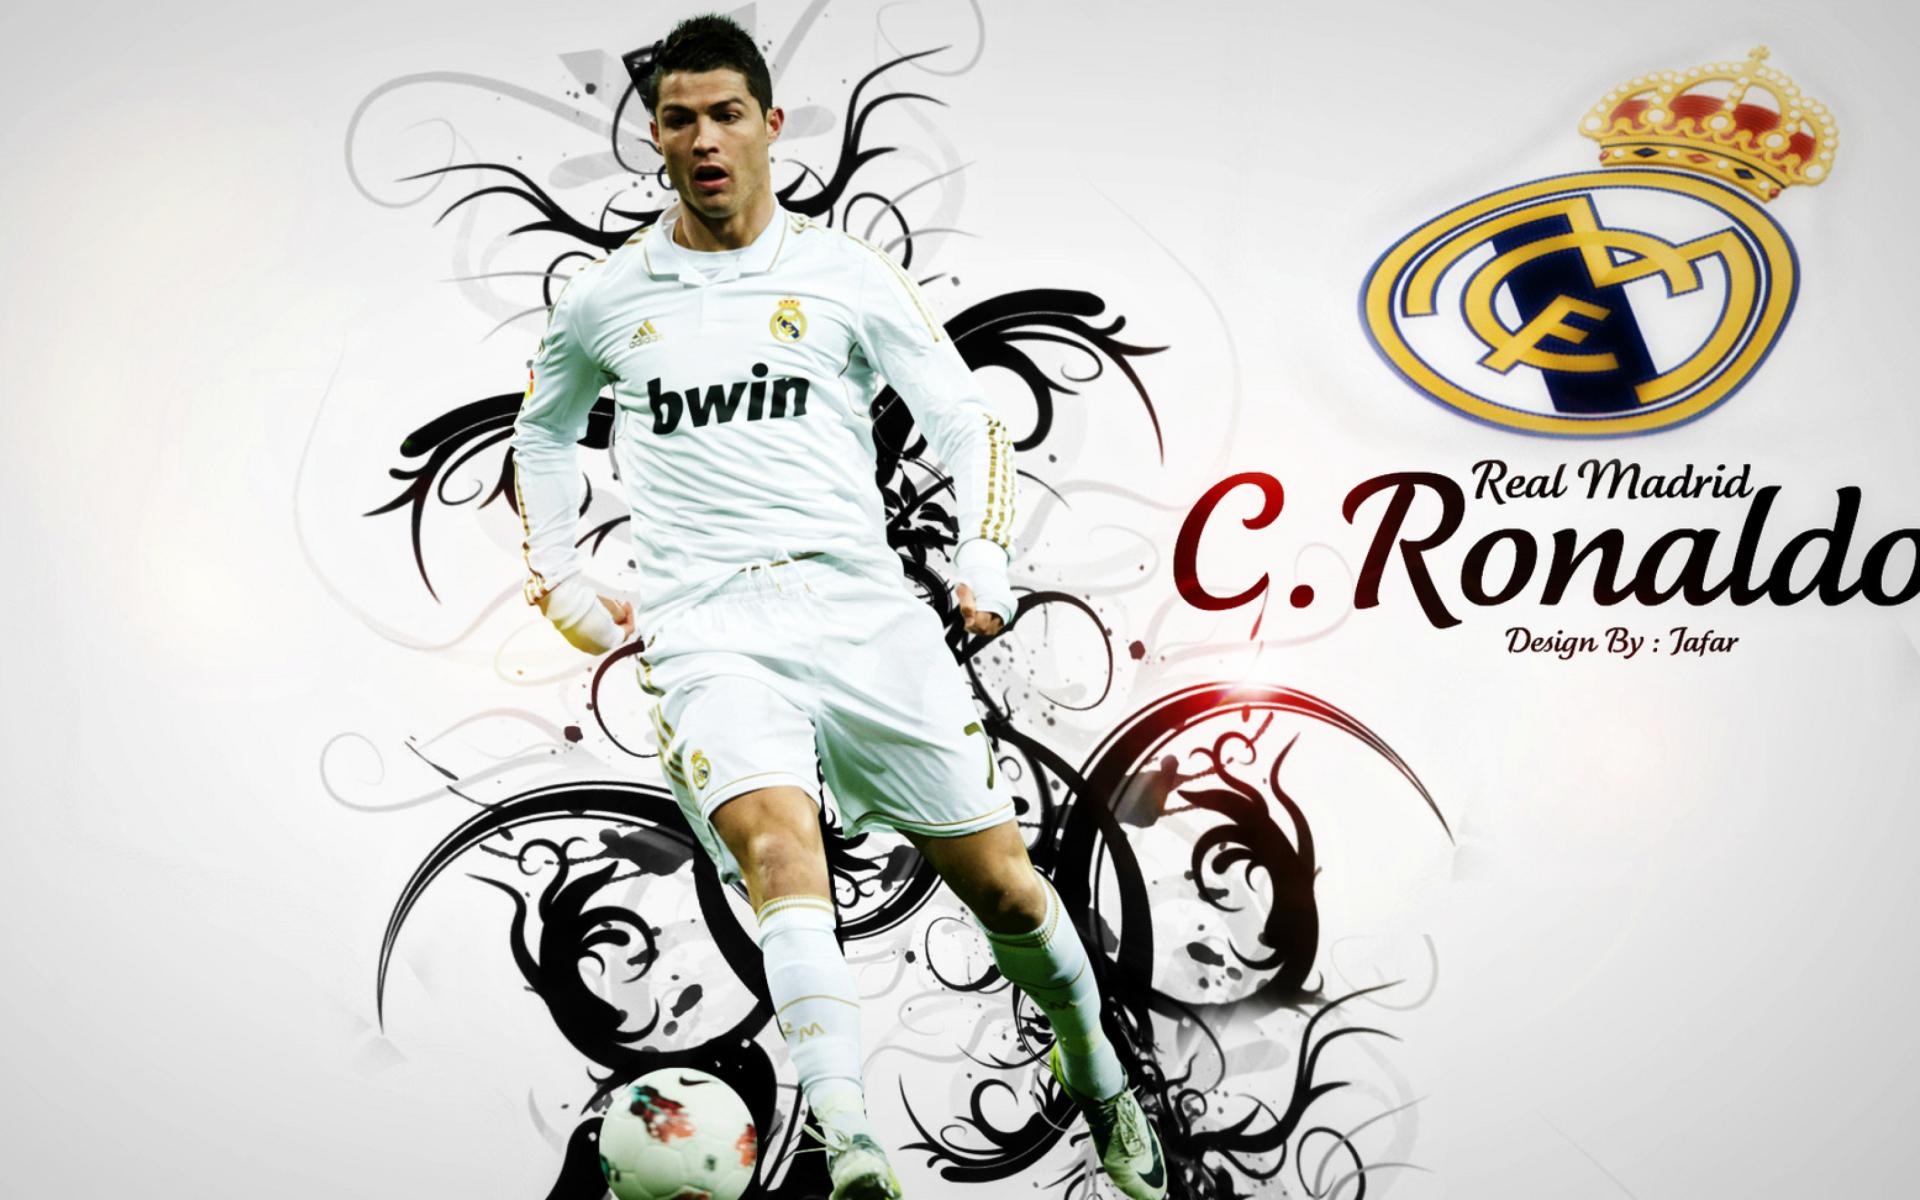 Fondos De Pantalla De Cristiano Ronaldo: Fondos De Pantalla Gratis Para